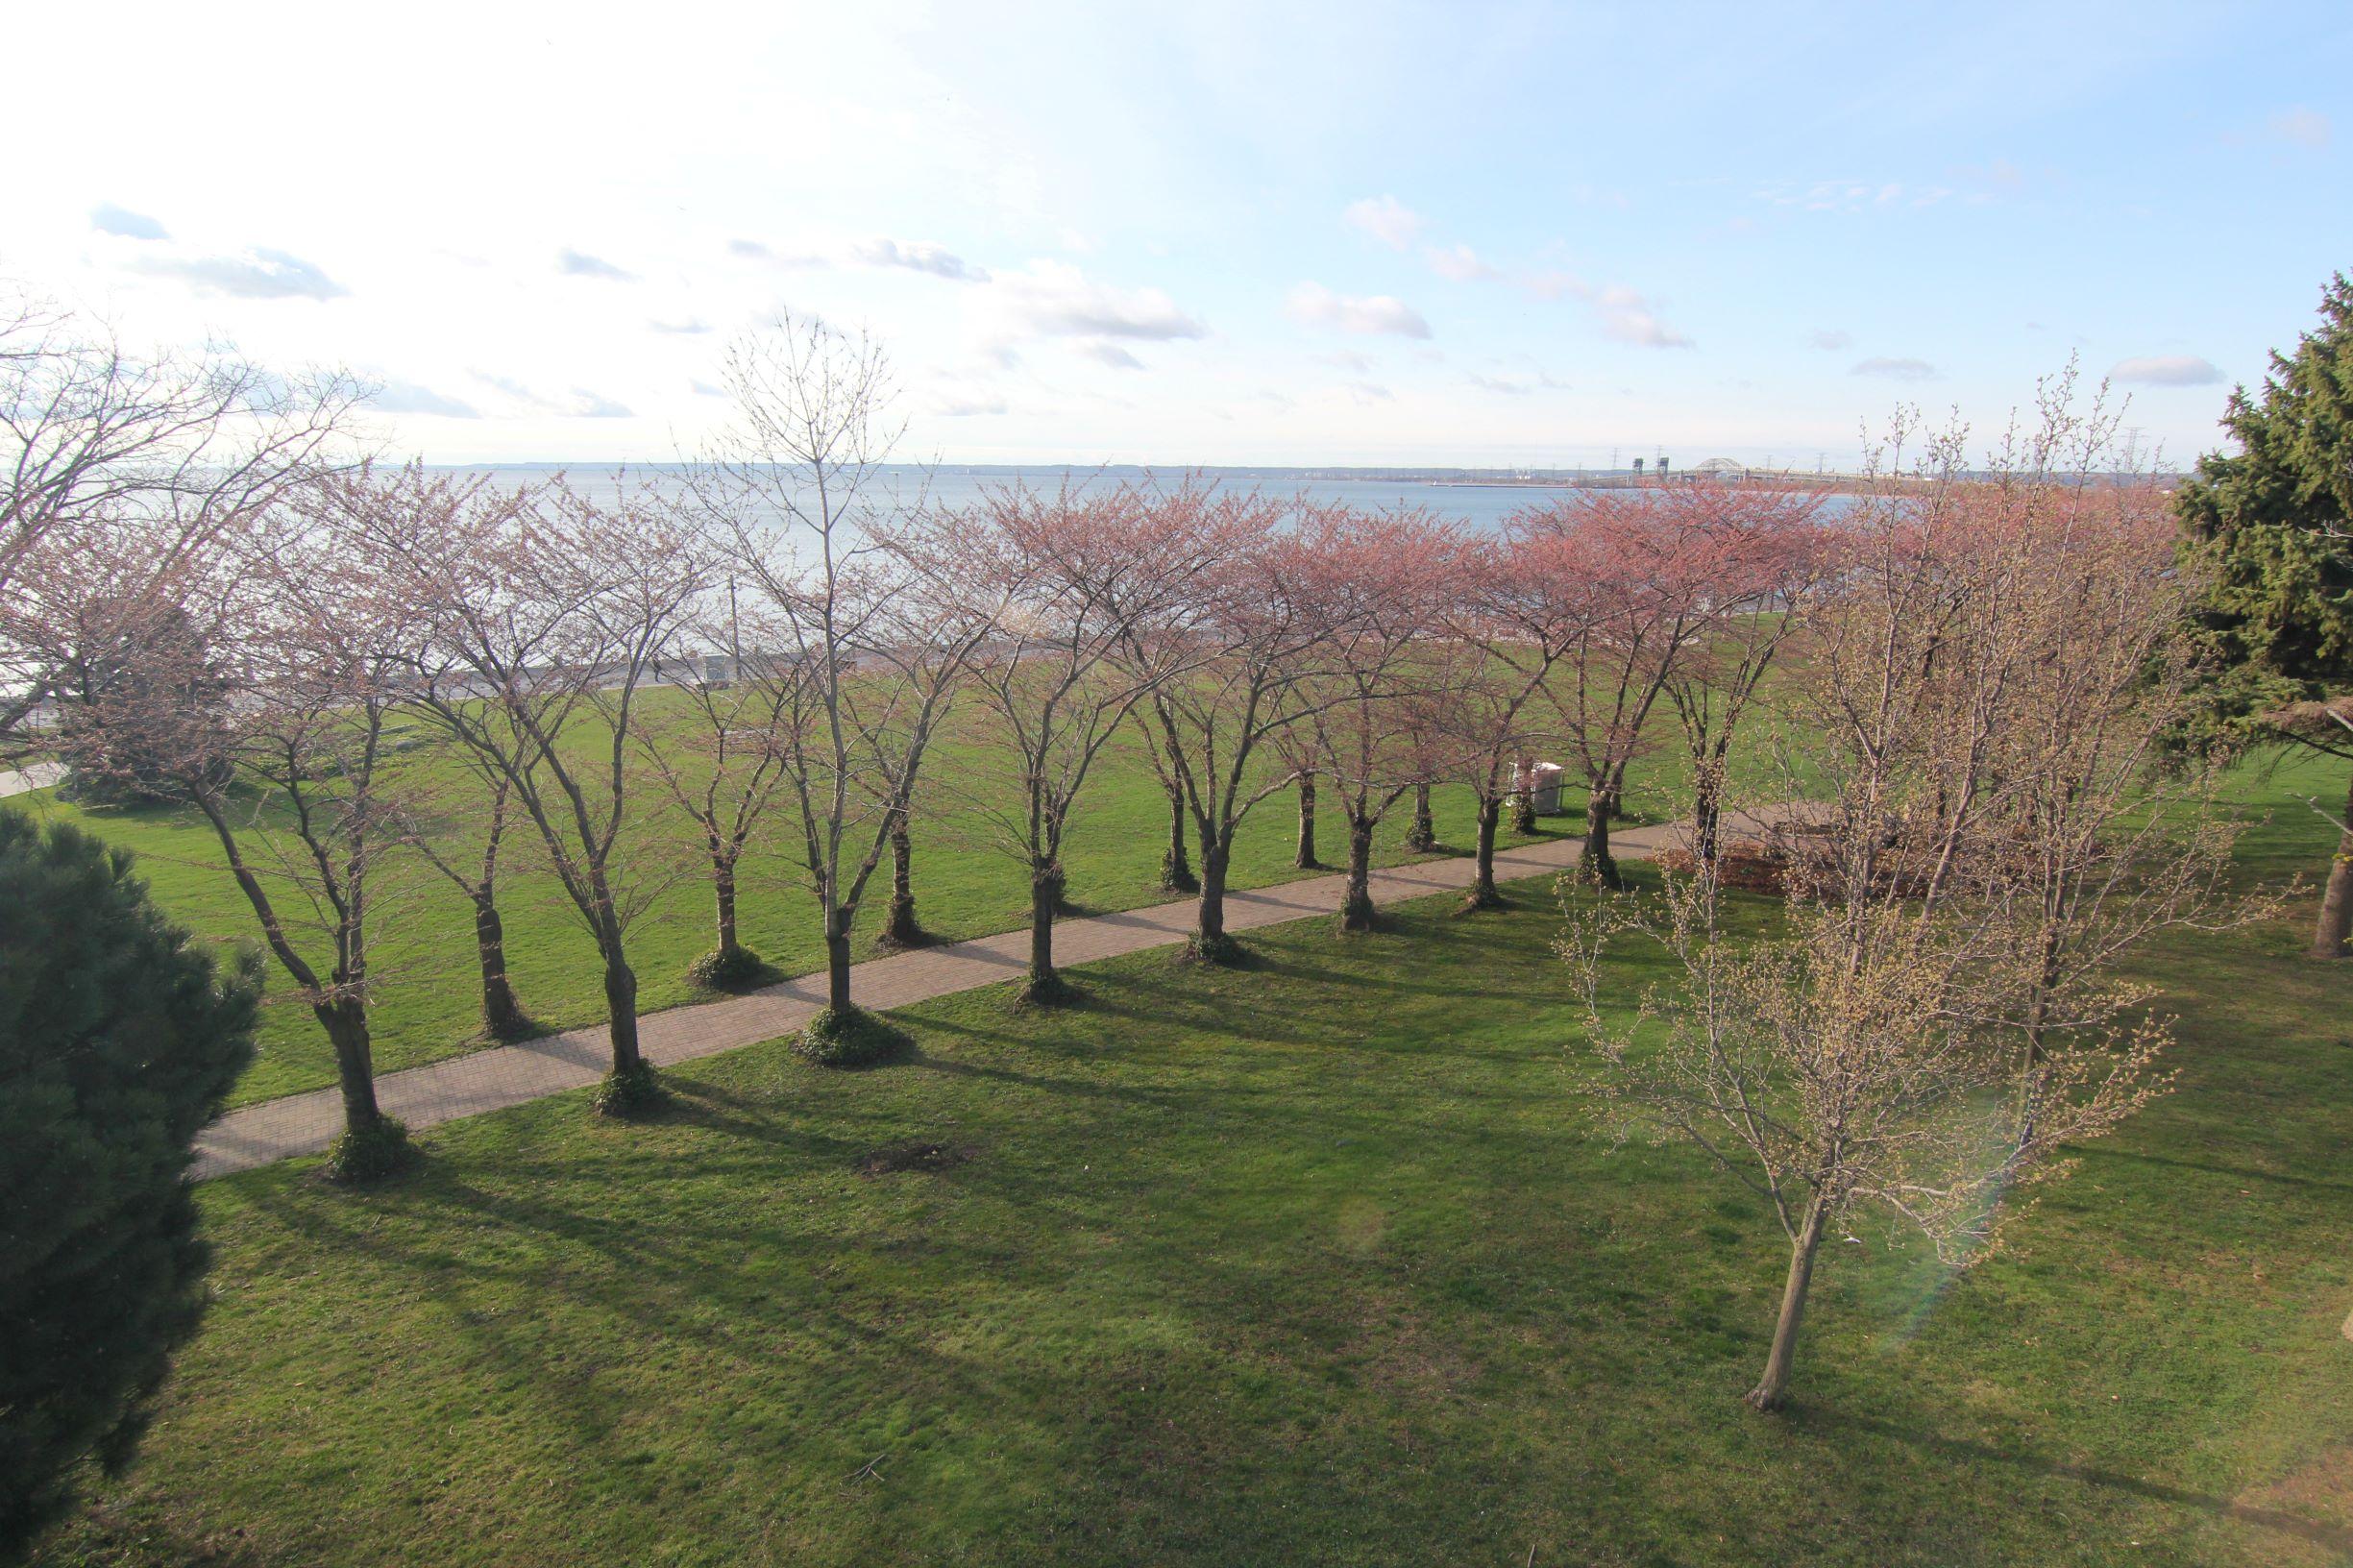 Sakura trees in Spencer Smith Park